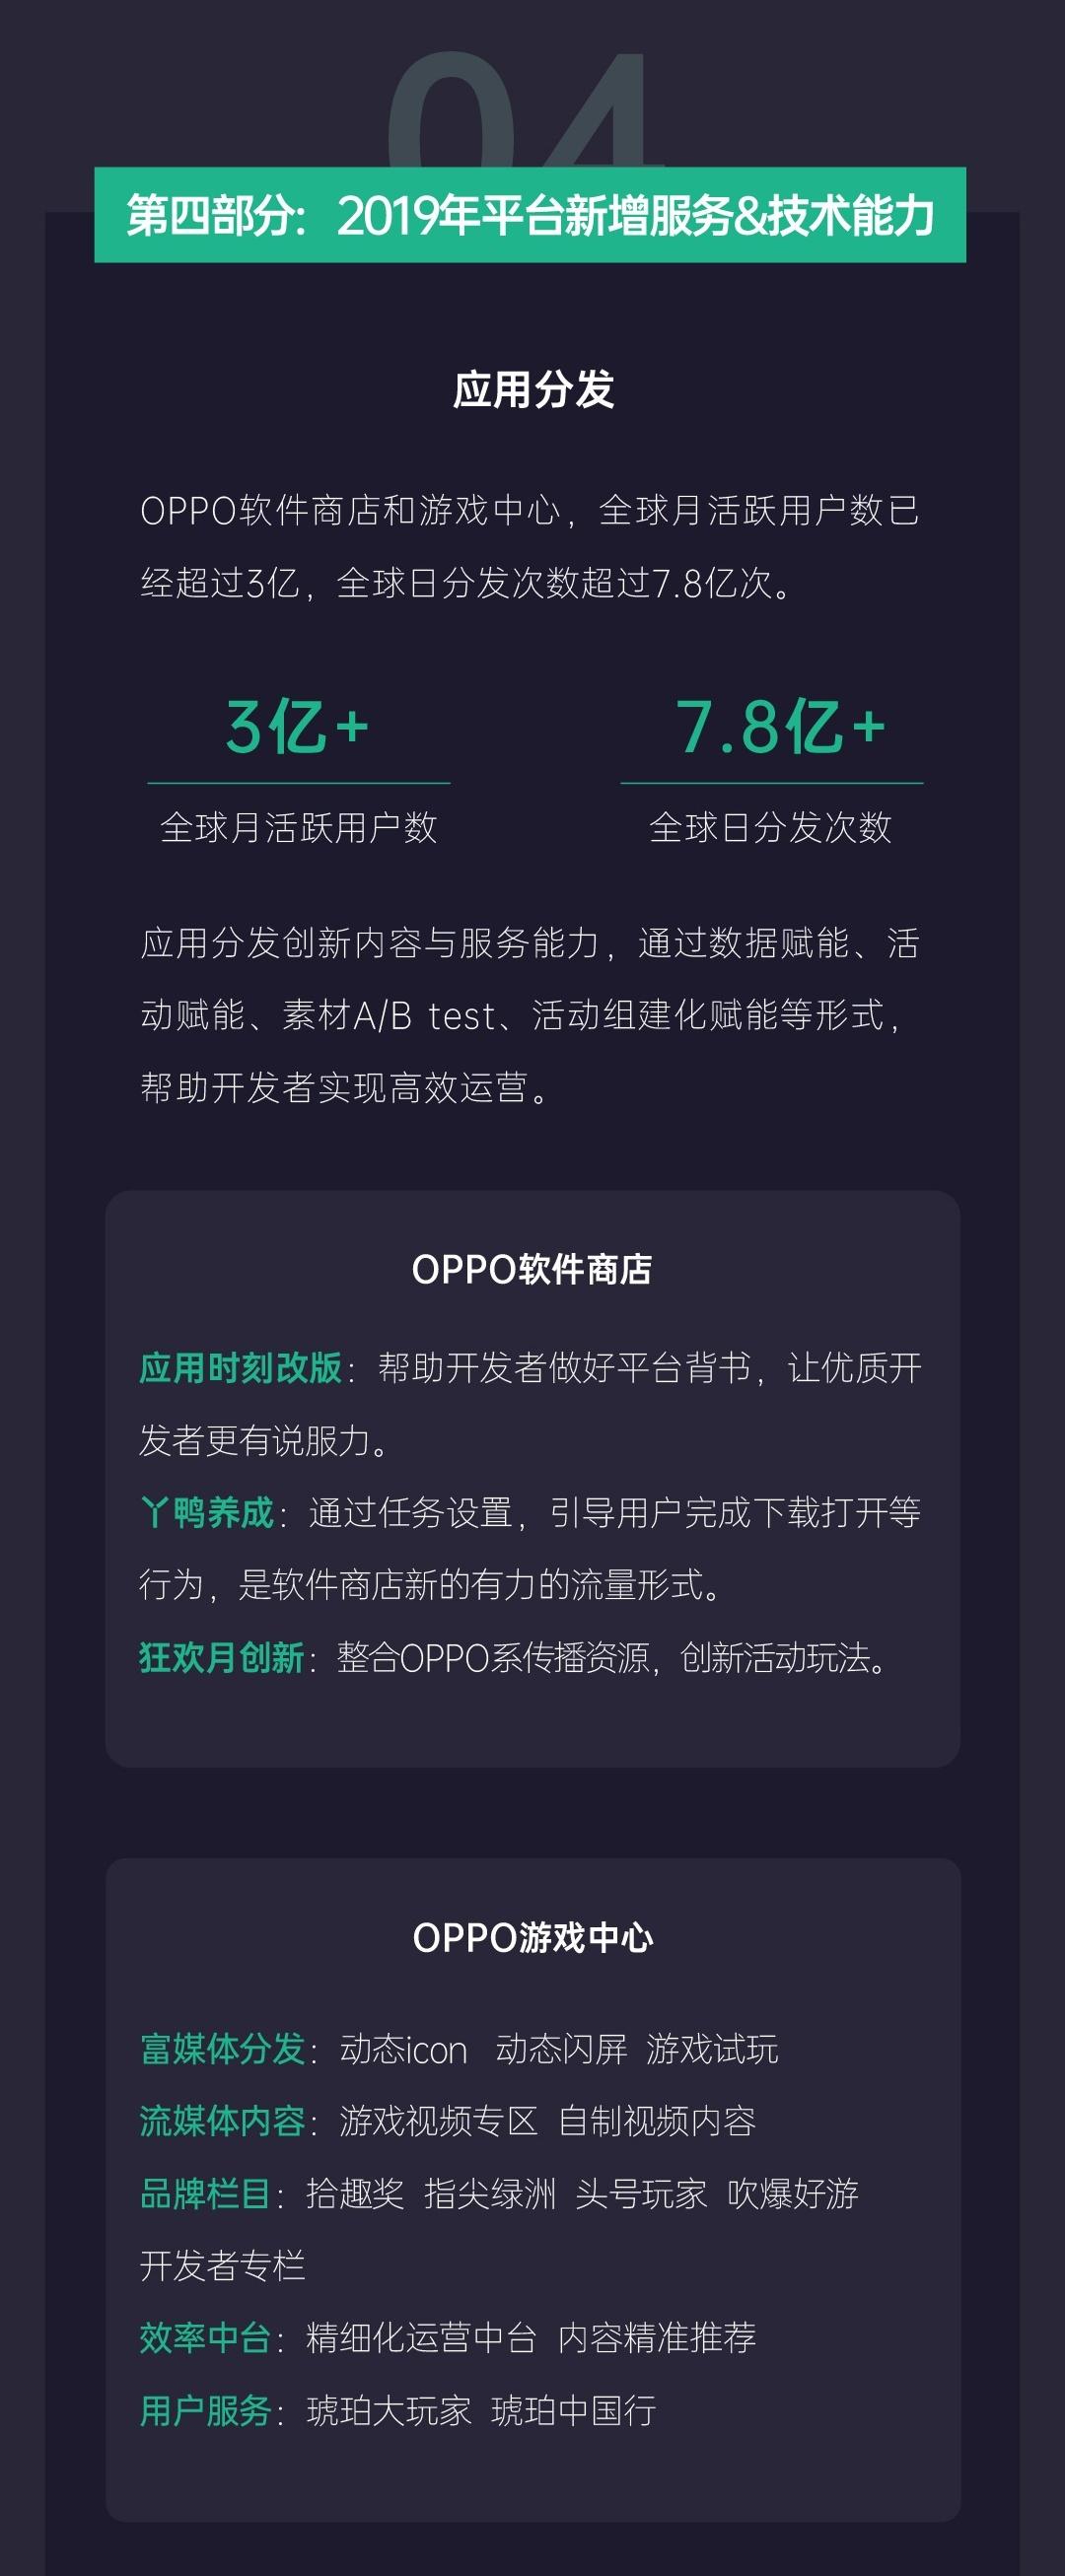 《2019年OPPO开放平台年度总结》正式发布